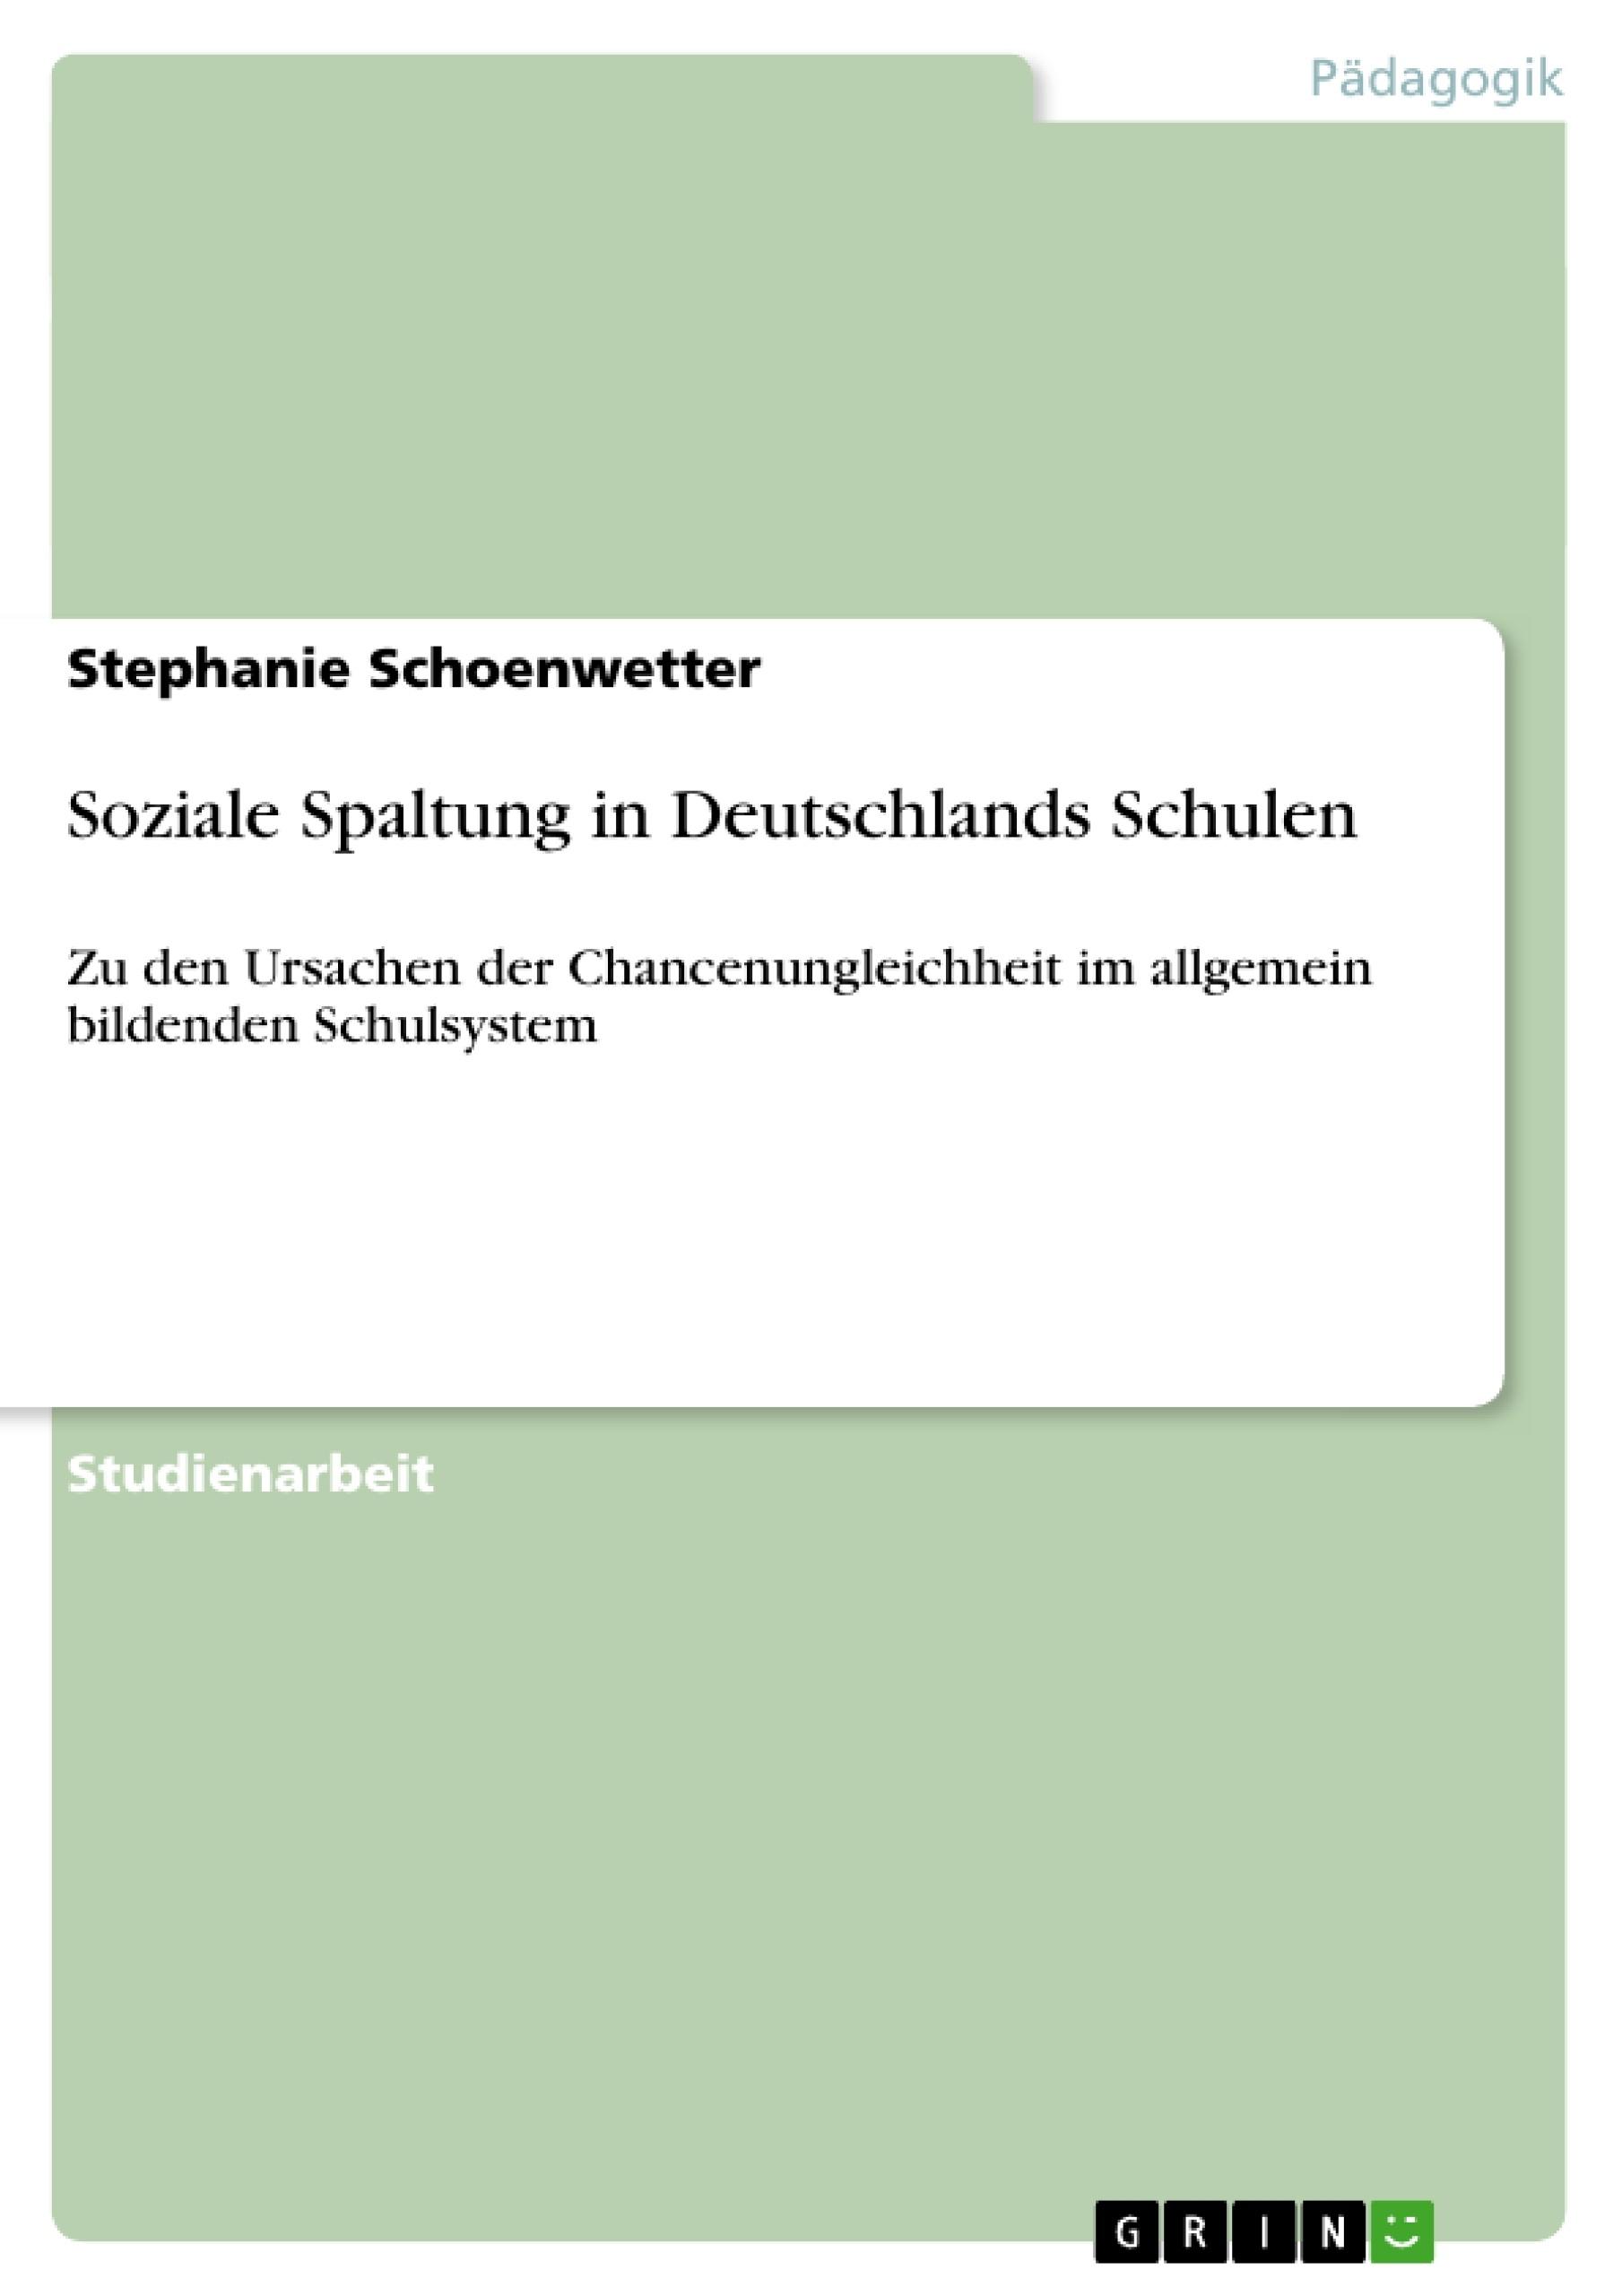 Titel: Soziale Spaltung in Deutschlands Schulen